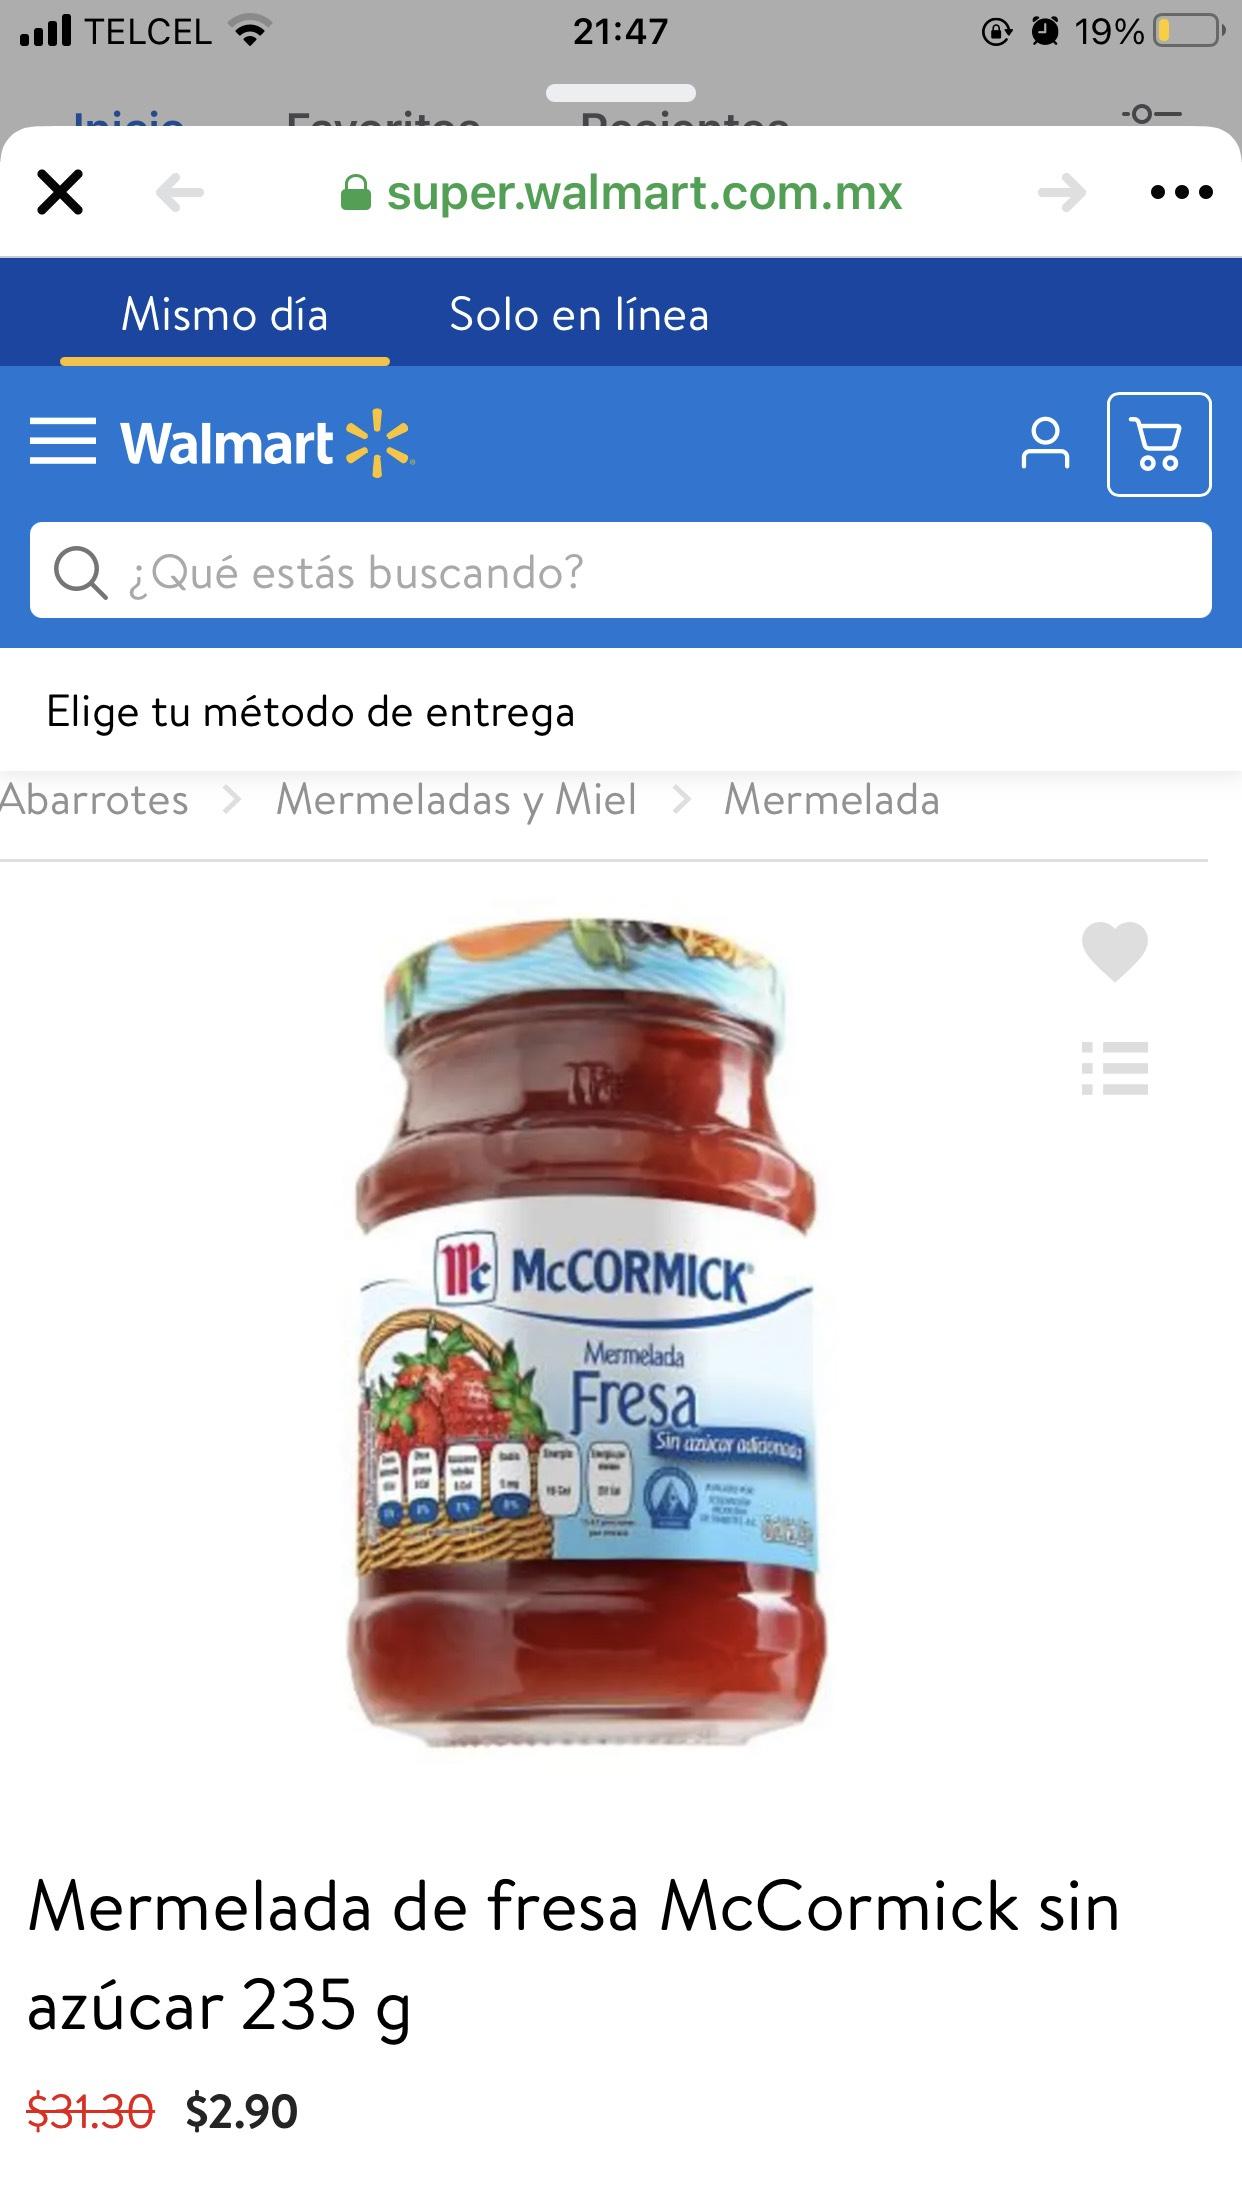 Walmart: Mermelada de fresa McCormick sin azúcar 235 g por solo $ 2.9